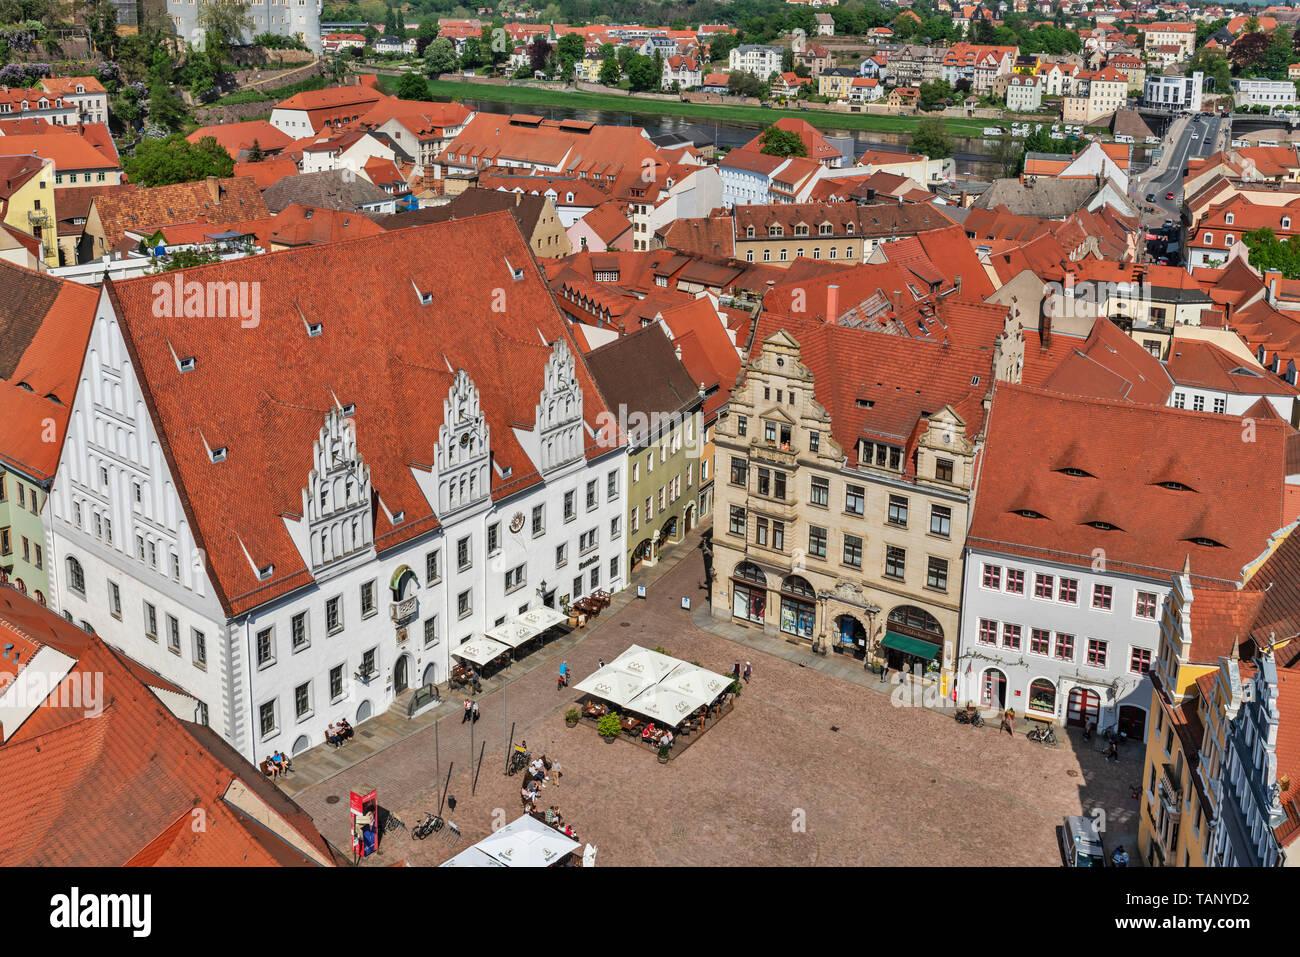 Blick von der Frauenkirche (Kirche unserer Dame) auf dem Marktplatz von Meißen, Sachsen, Deutschland, Europa Stockbild